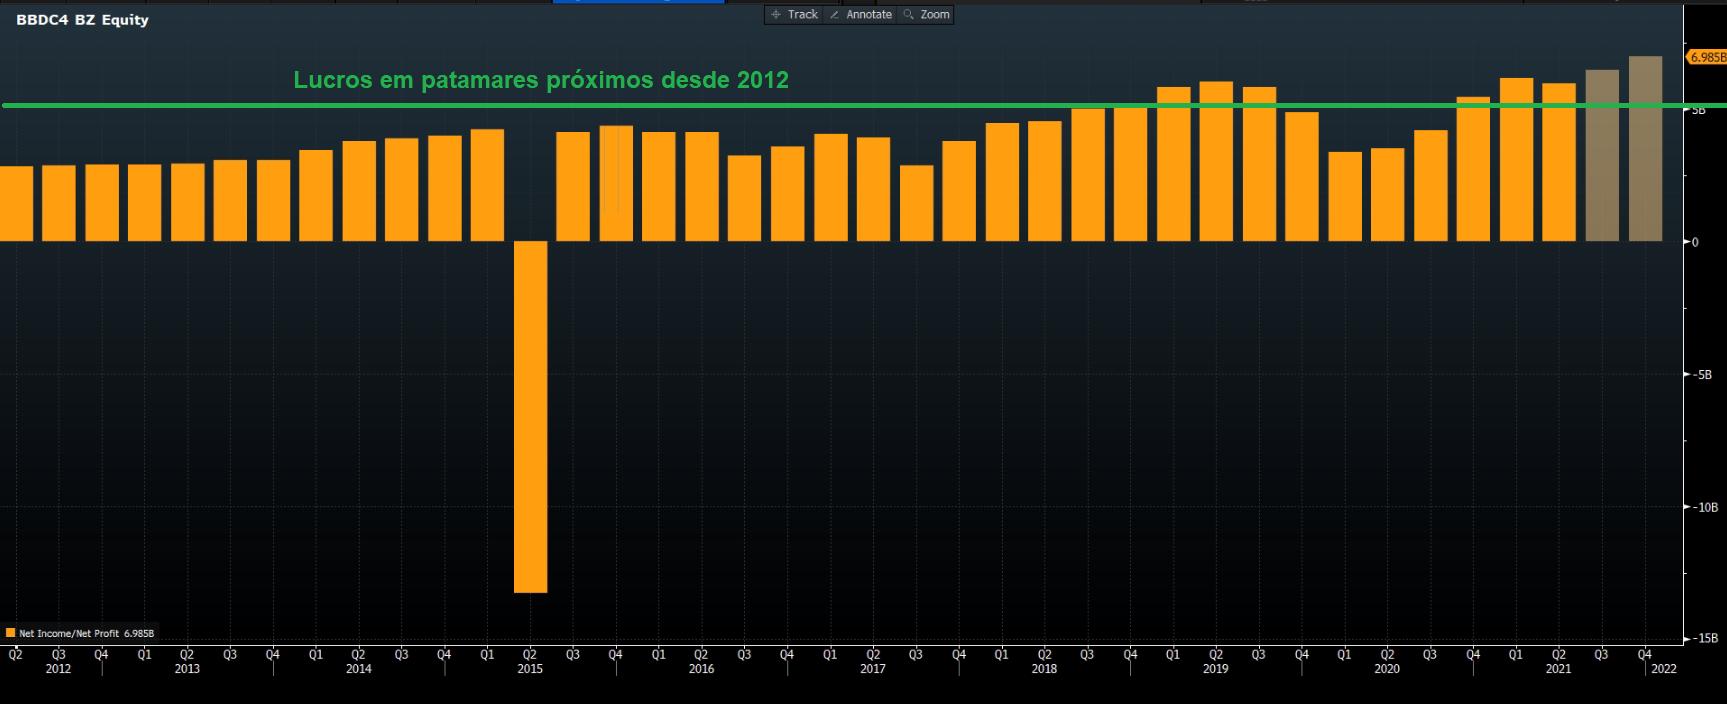 Gráfico apresenta histórico de lucro líquido Bradesco. Colunas opacas – expectativas dos resultados para 3T21 e 4T21.